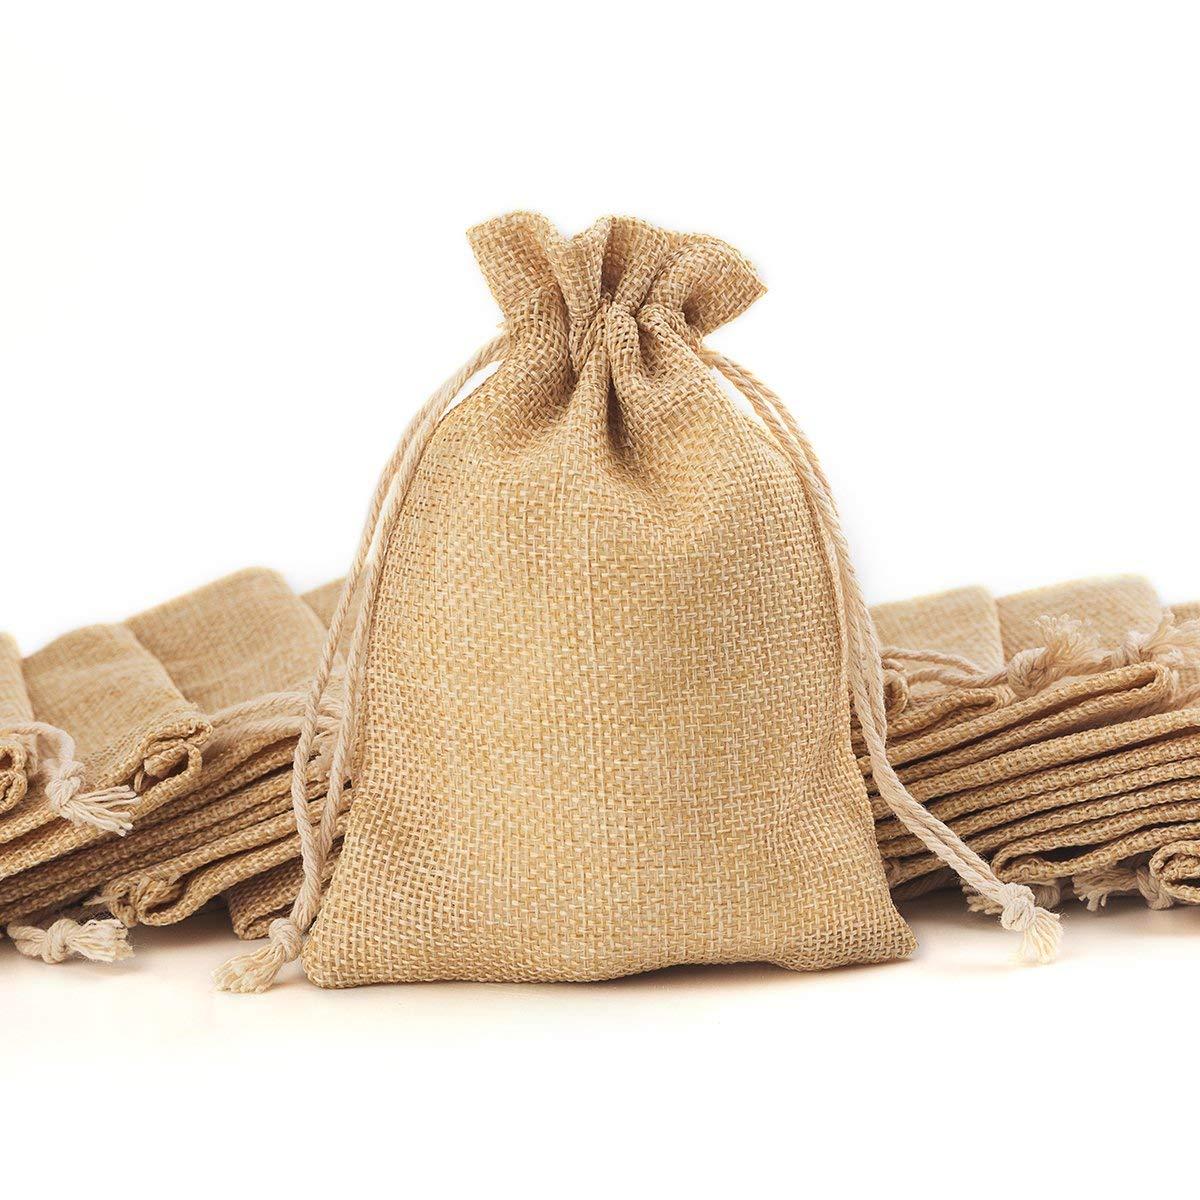 100 sacs de toile de jute de pièce avec des sacs-cadeaux de cordon pour la fête de mariage, projets d'art et d'artisanat, cadeaux, casse-croûte et bijoux, - 5